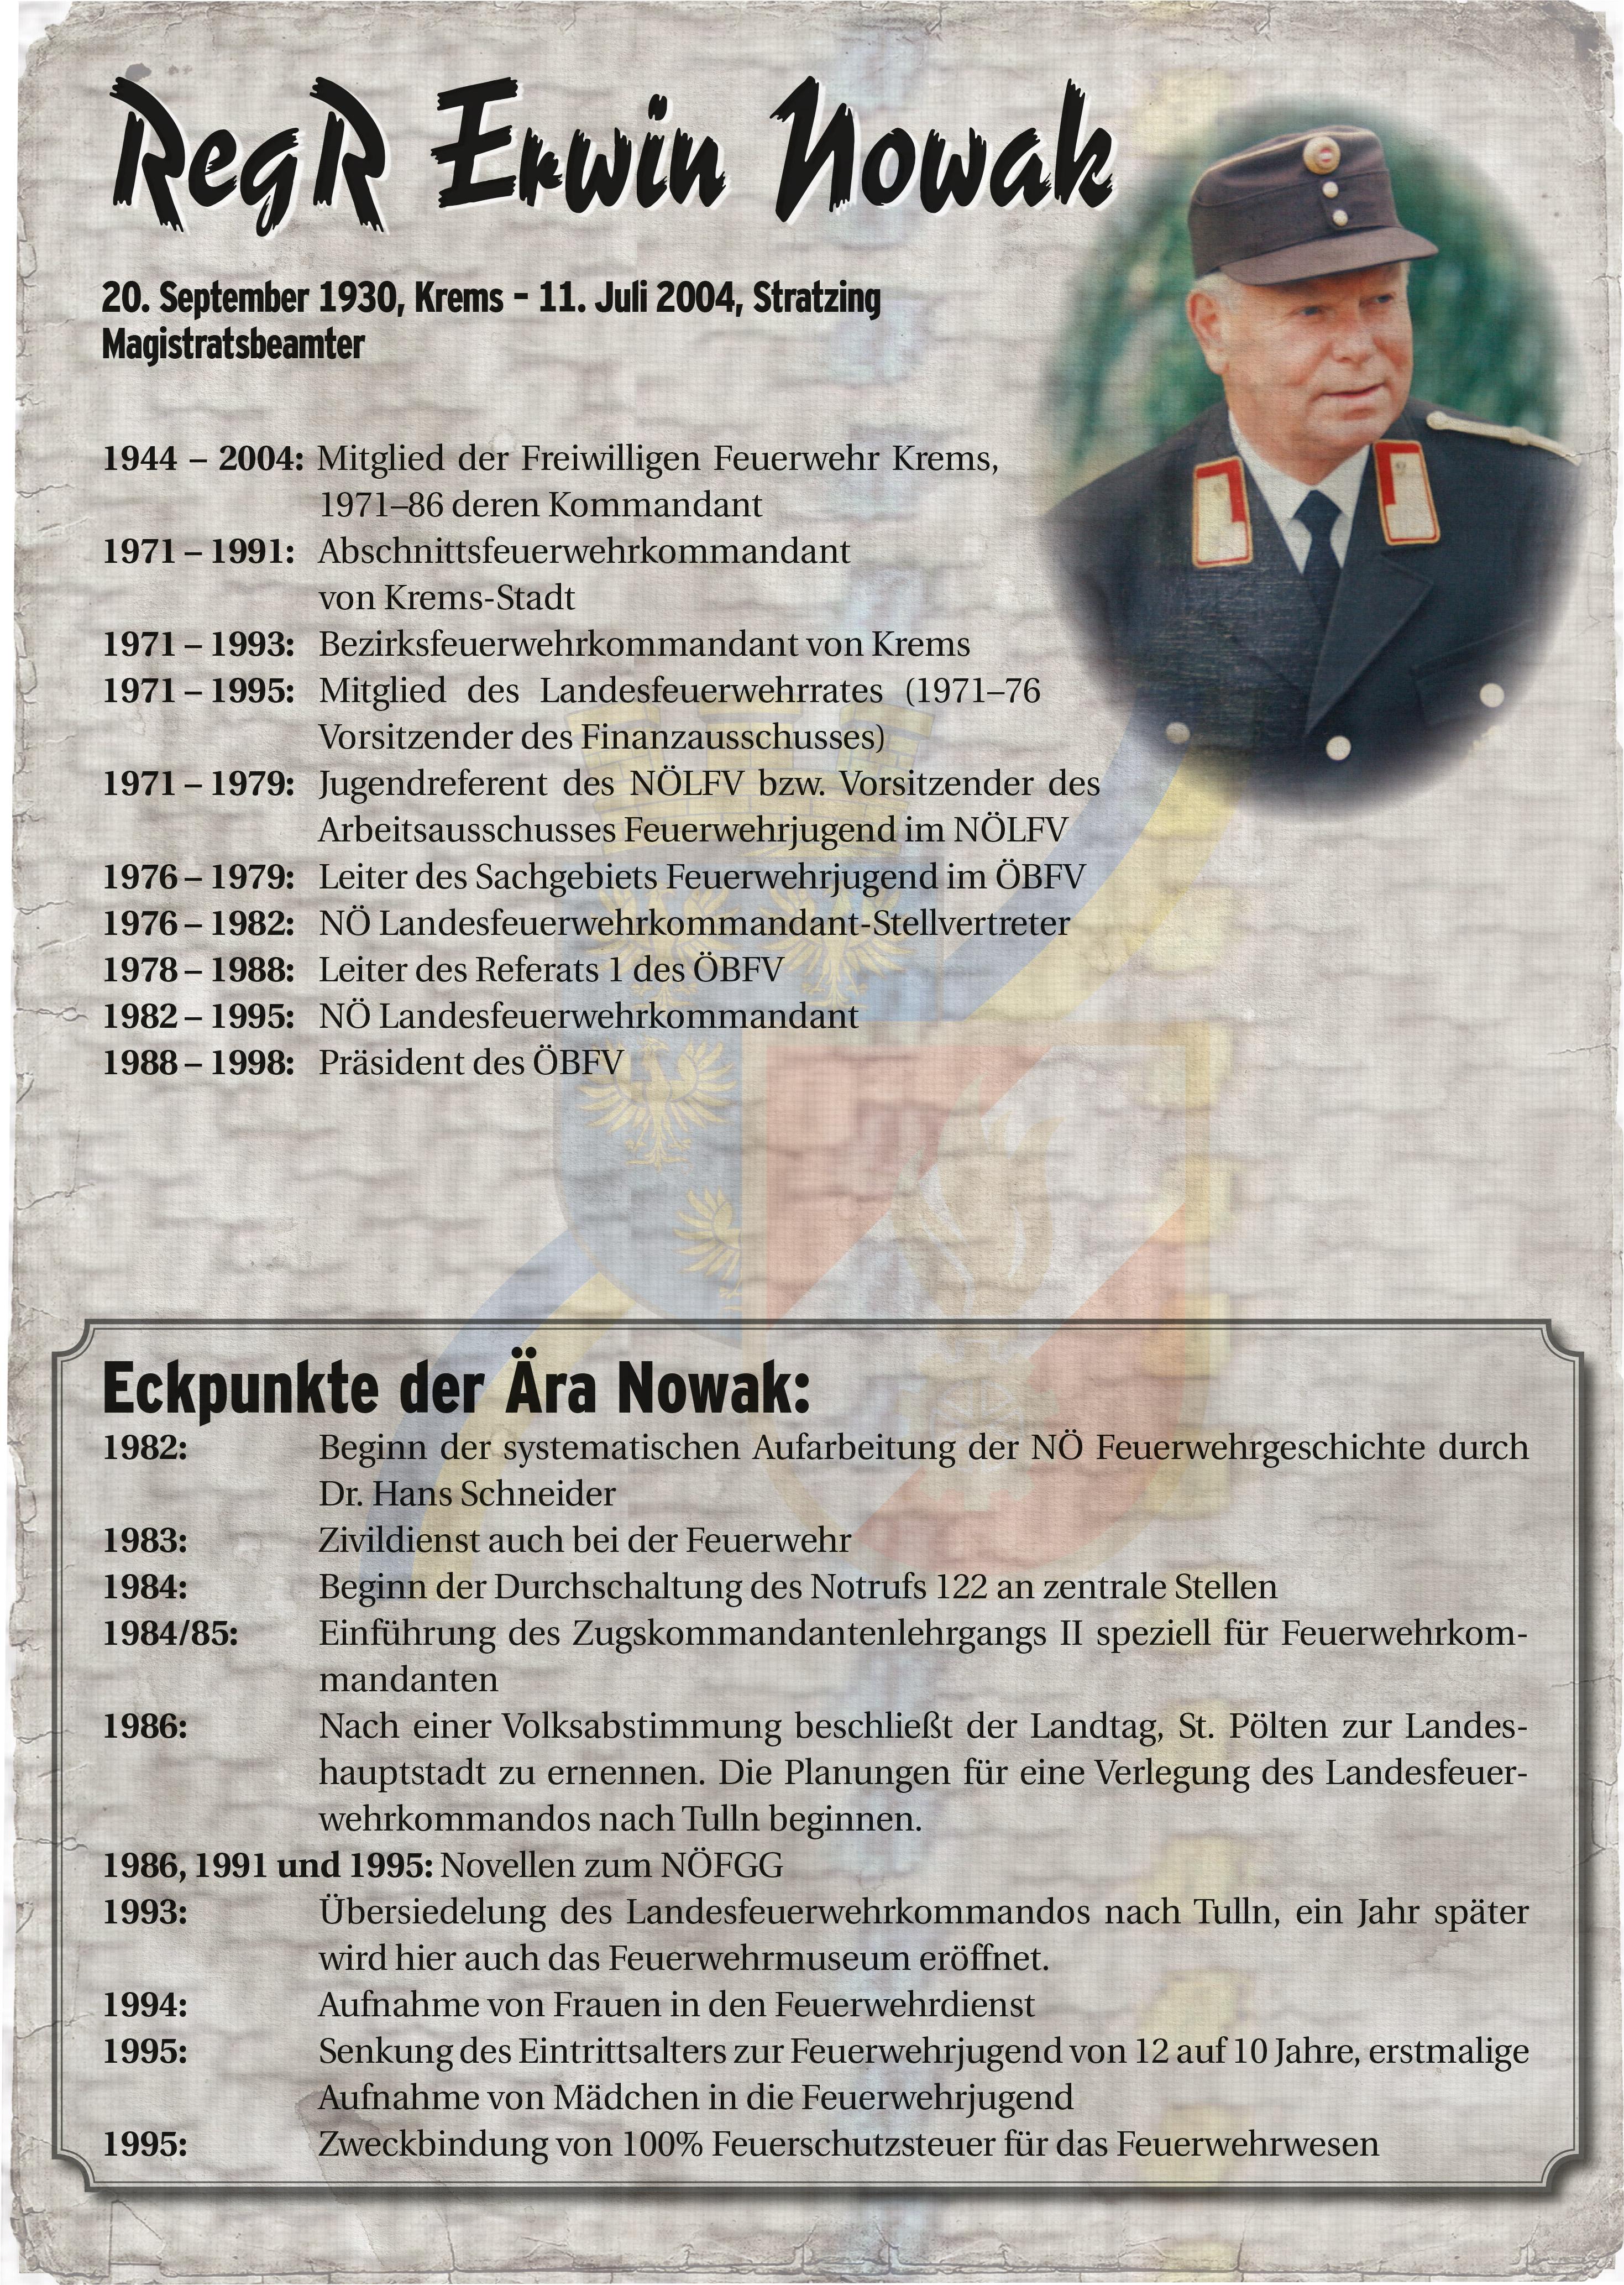 Infoblatt zur Zeit von Erwin Nowak